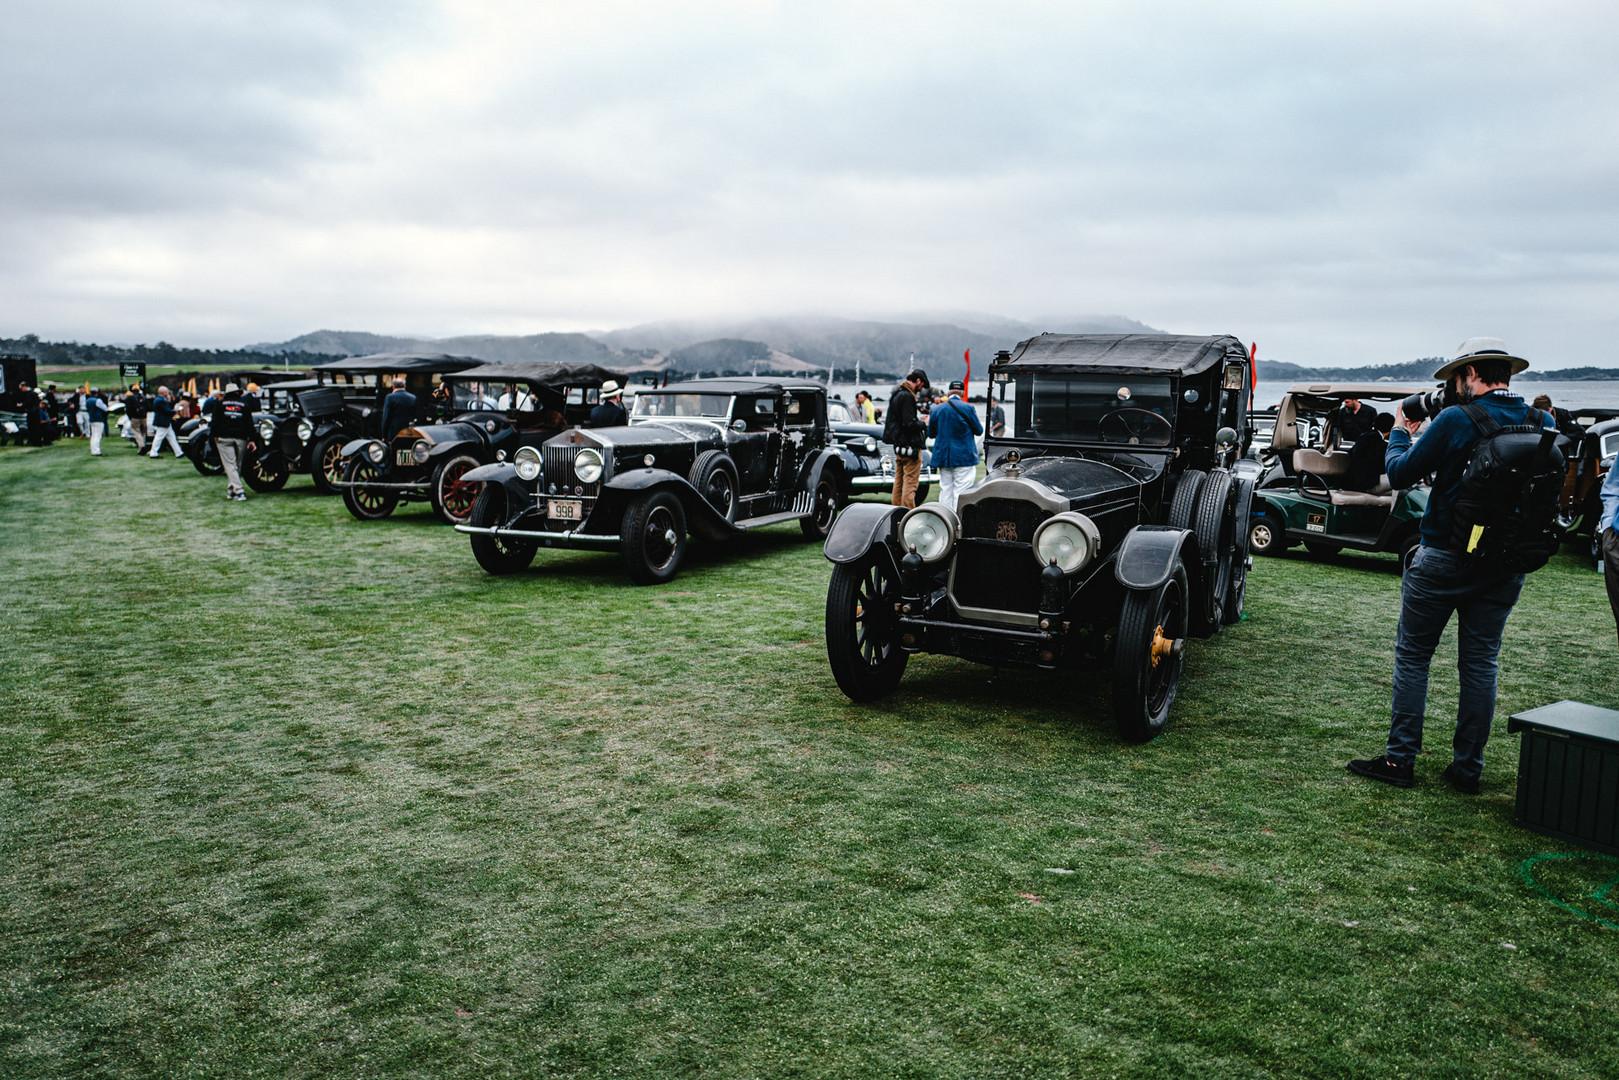 Pebble Beach Concours 2019 Vintage Cars